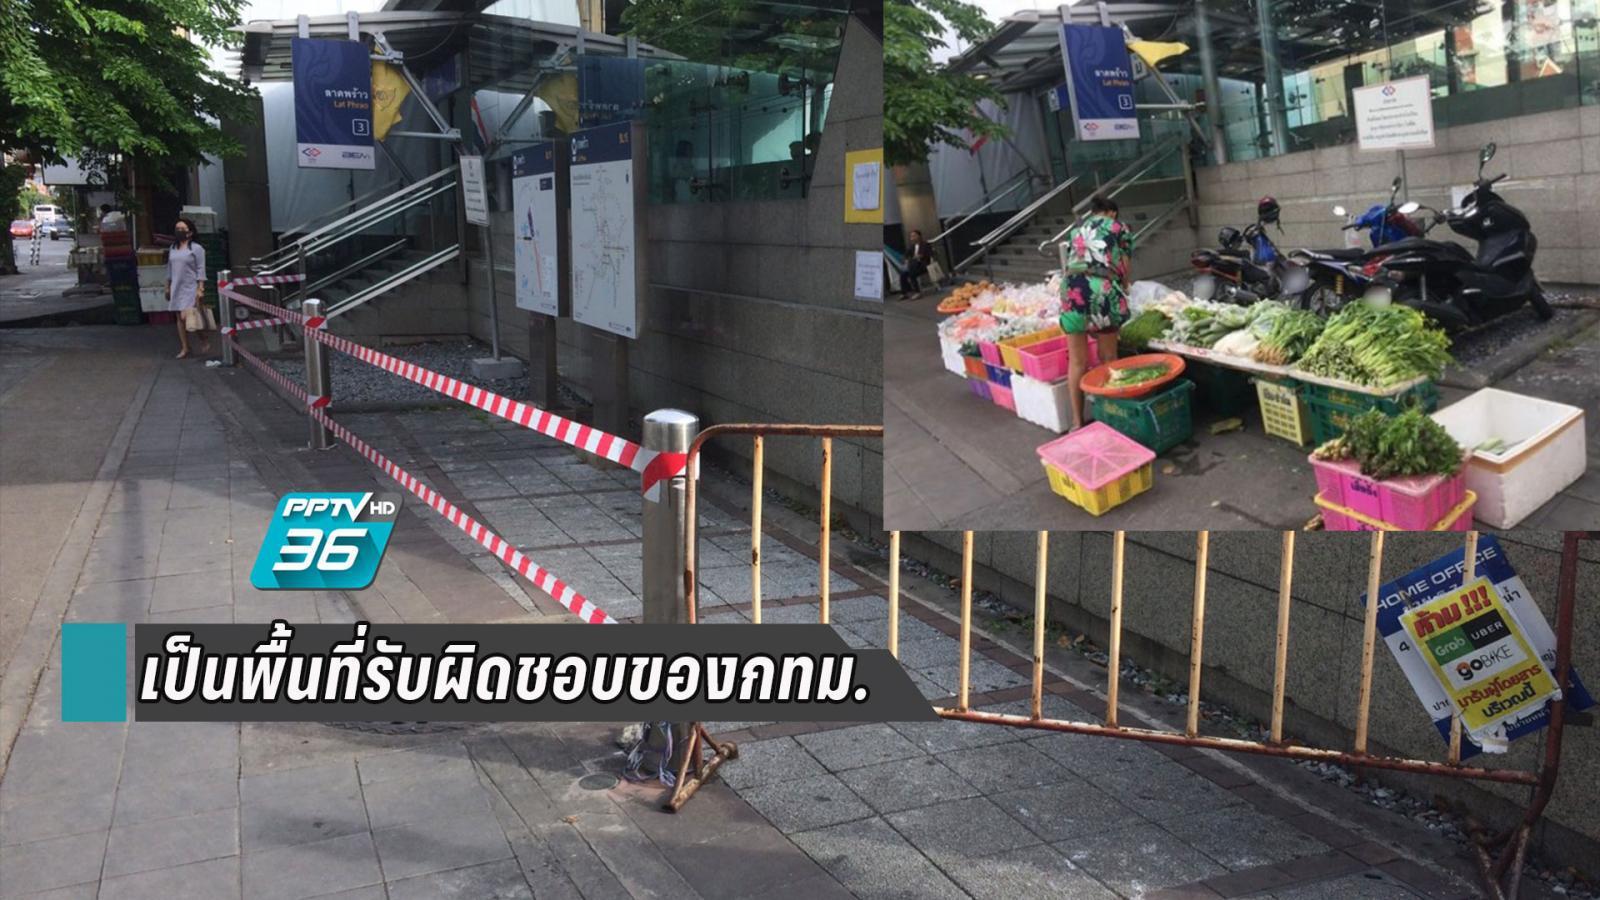 รฟม.แจงแล้ว! จุดแม่ค้าตั้งแผงขายของหน้า MRT ลาดพร้าว เป็นพื้นที่รับผิดชอบของกทม.